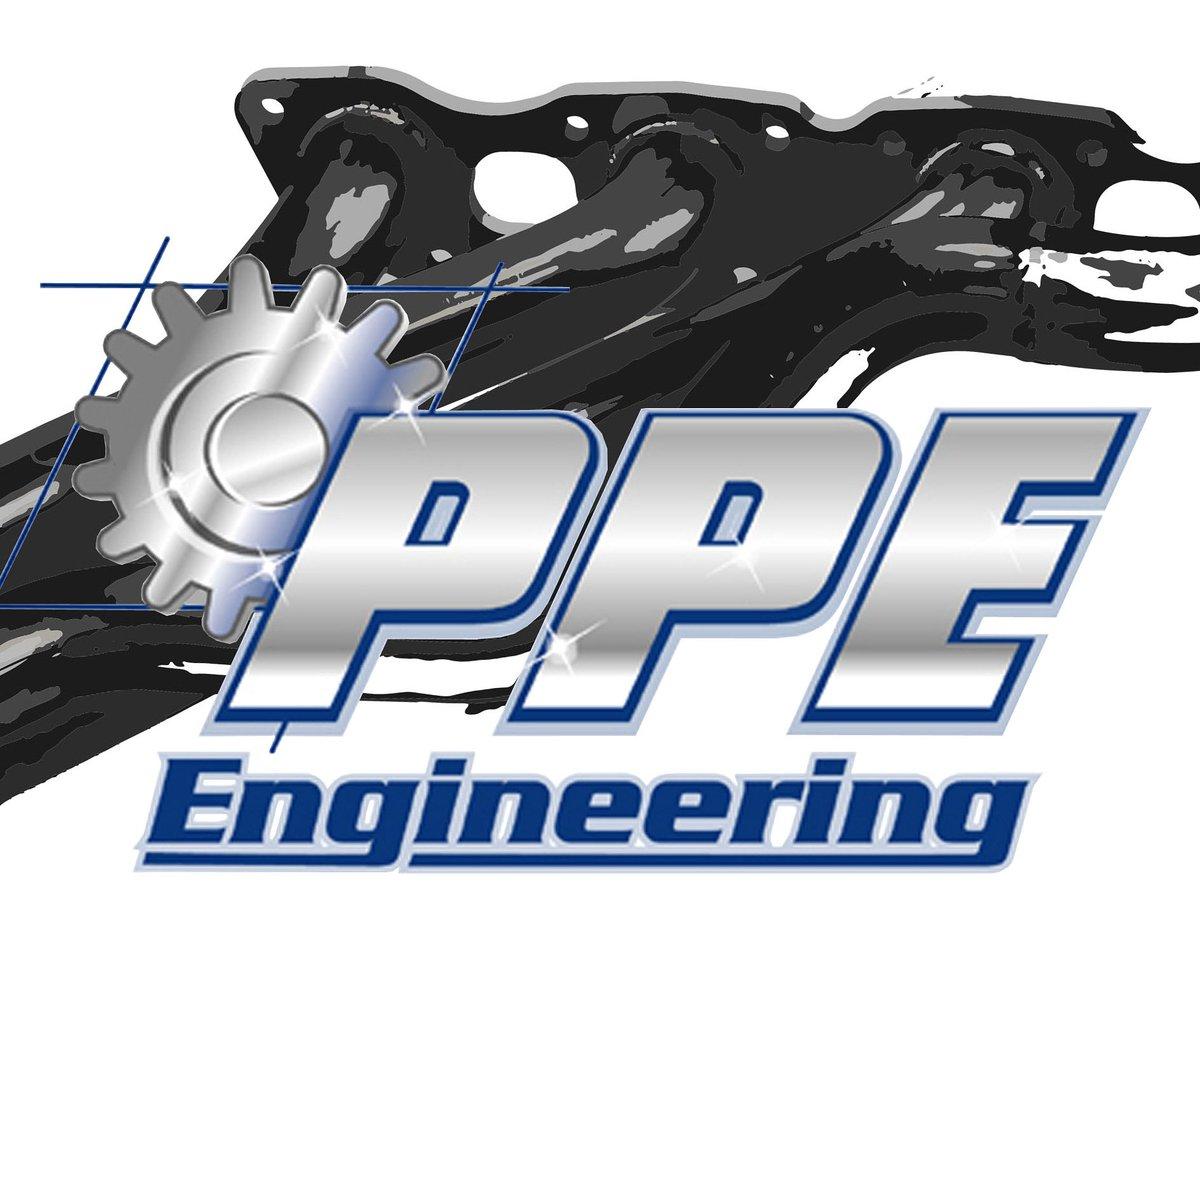 PPE Engineering LLC (@PPE_Engineering) | Twitter